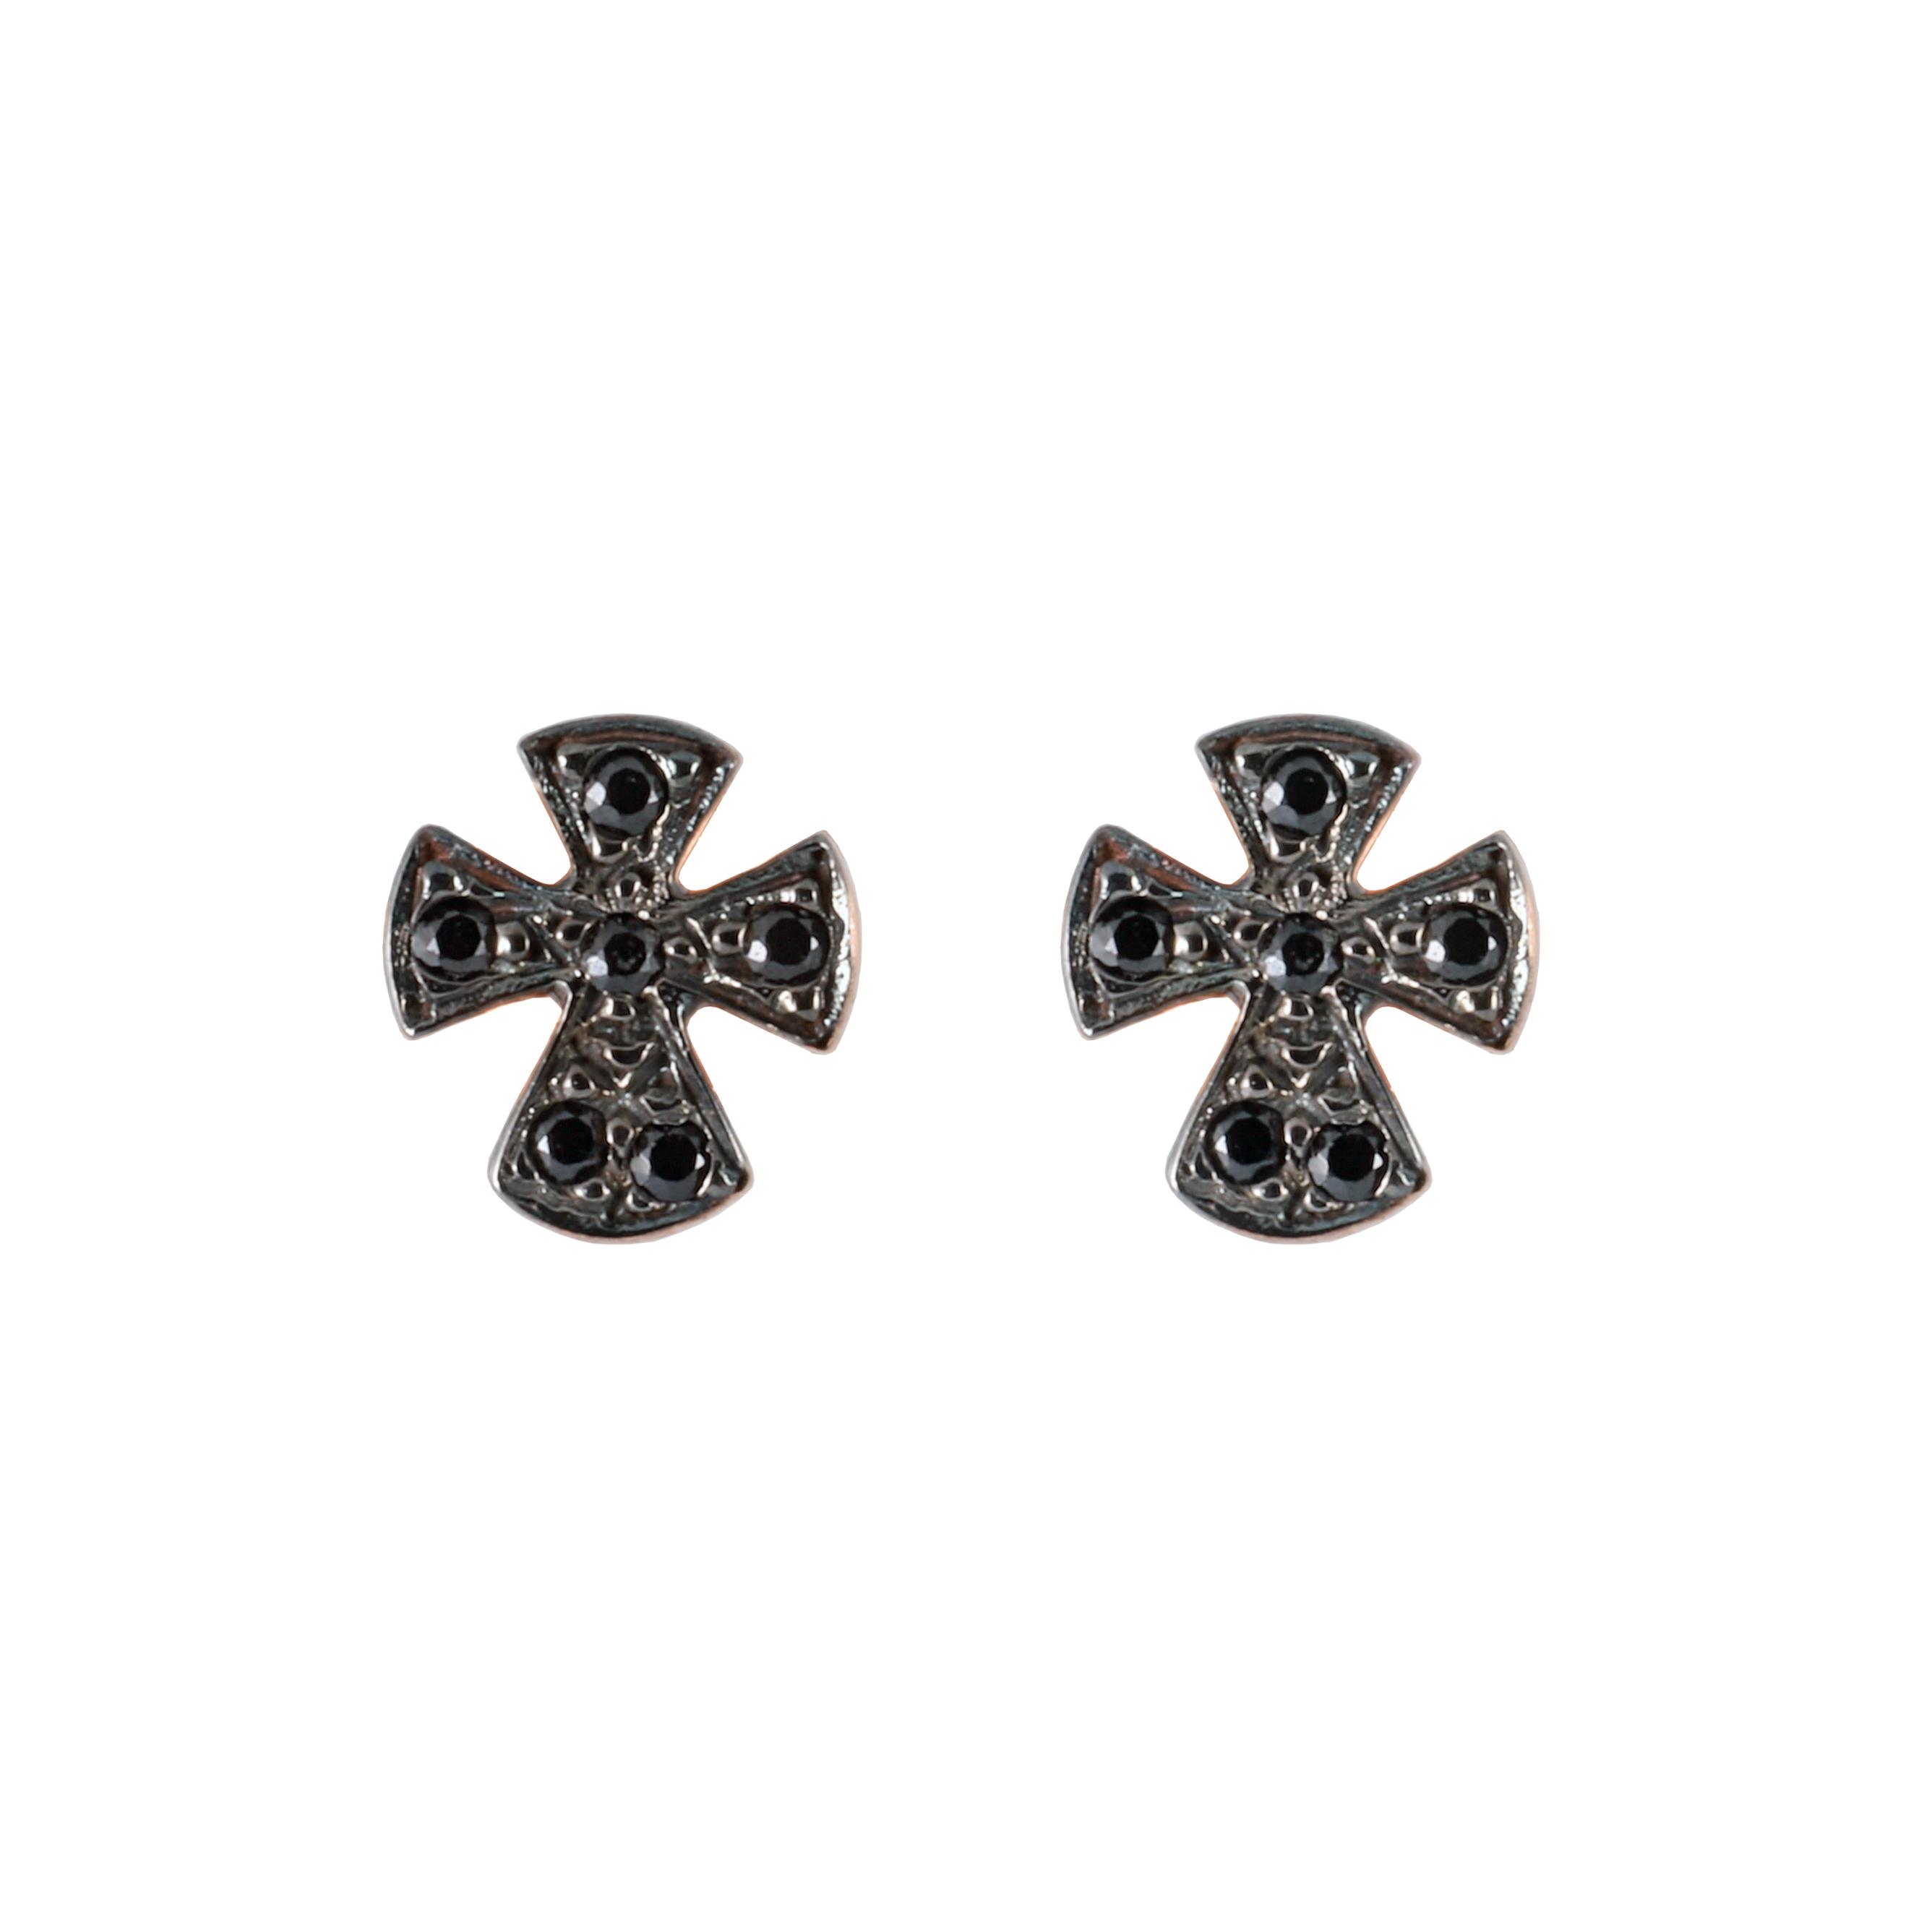 Σκουλαρίκια Σταυρός με Μάυρα Ζιργκόν Ροζ Χρυσός Κ9 - 16065E